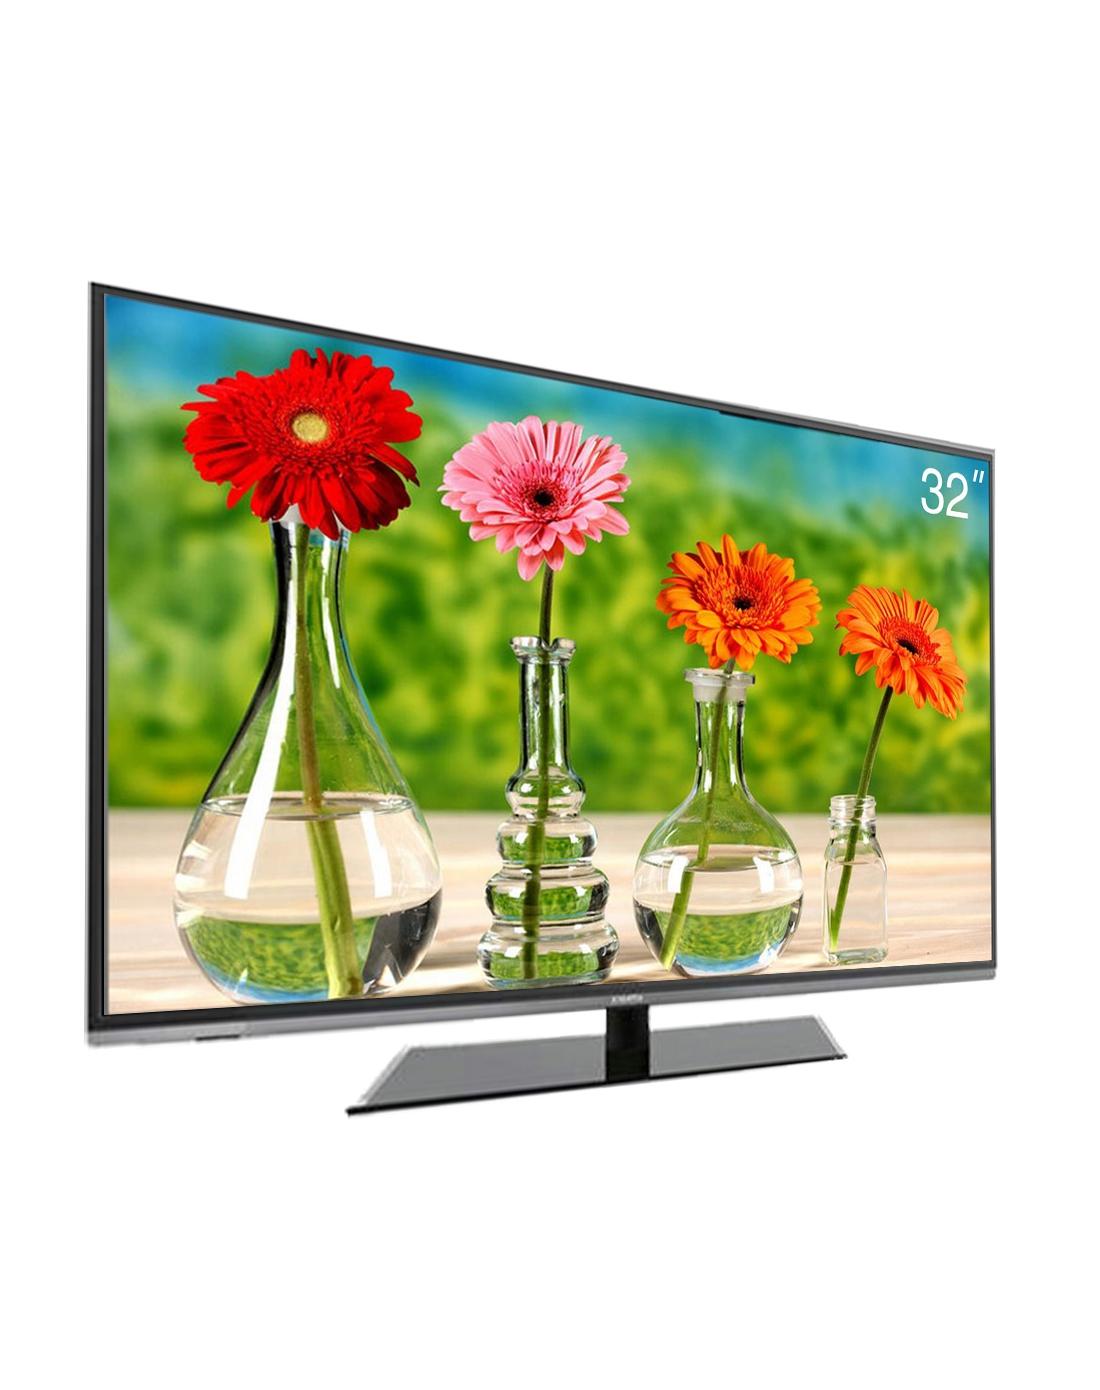 > 32寸高清节能窄边框led液晶电视